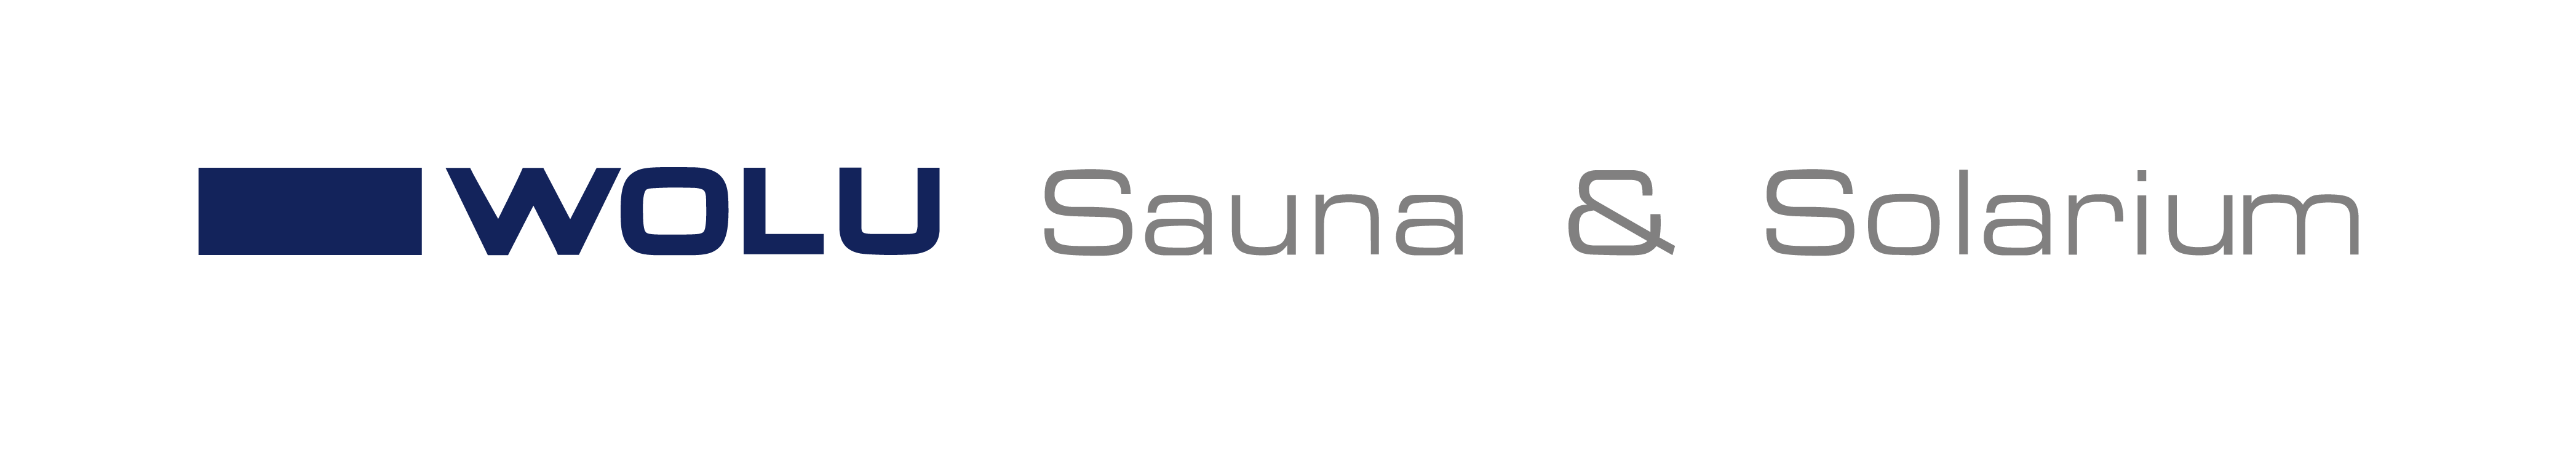 Sauna Zubehör, WOLU